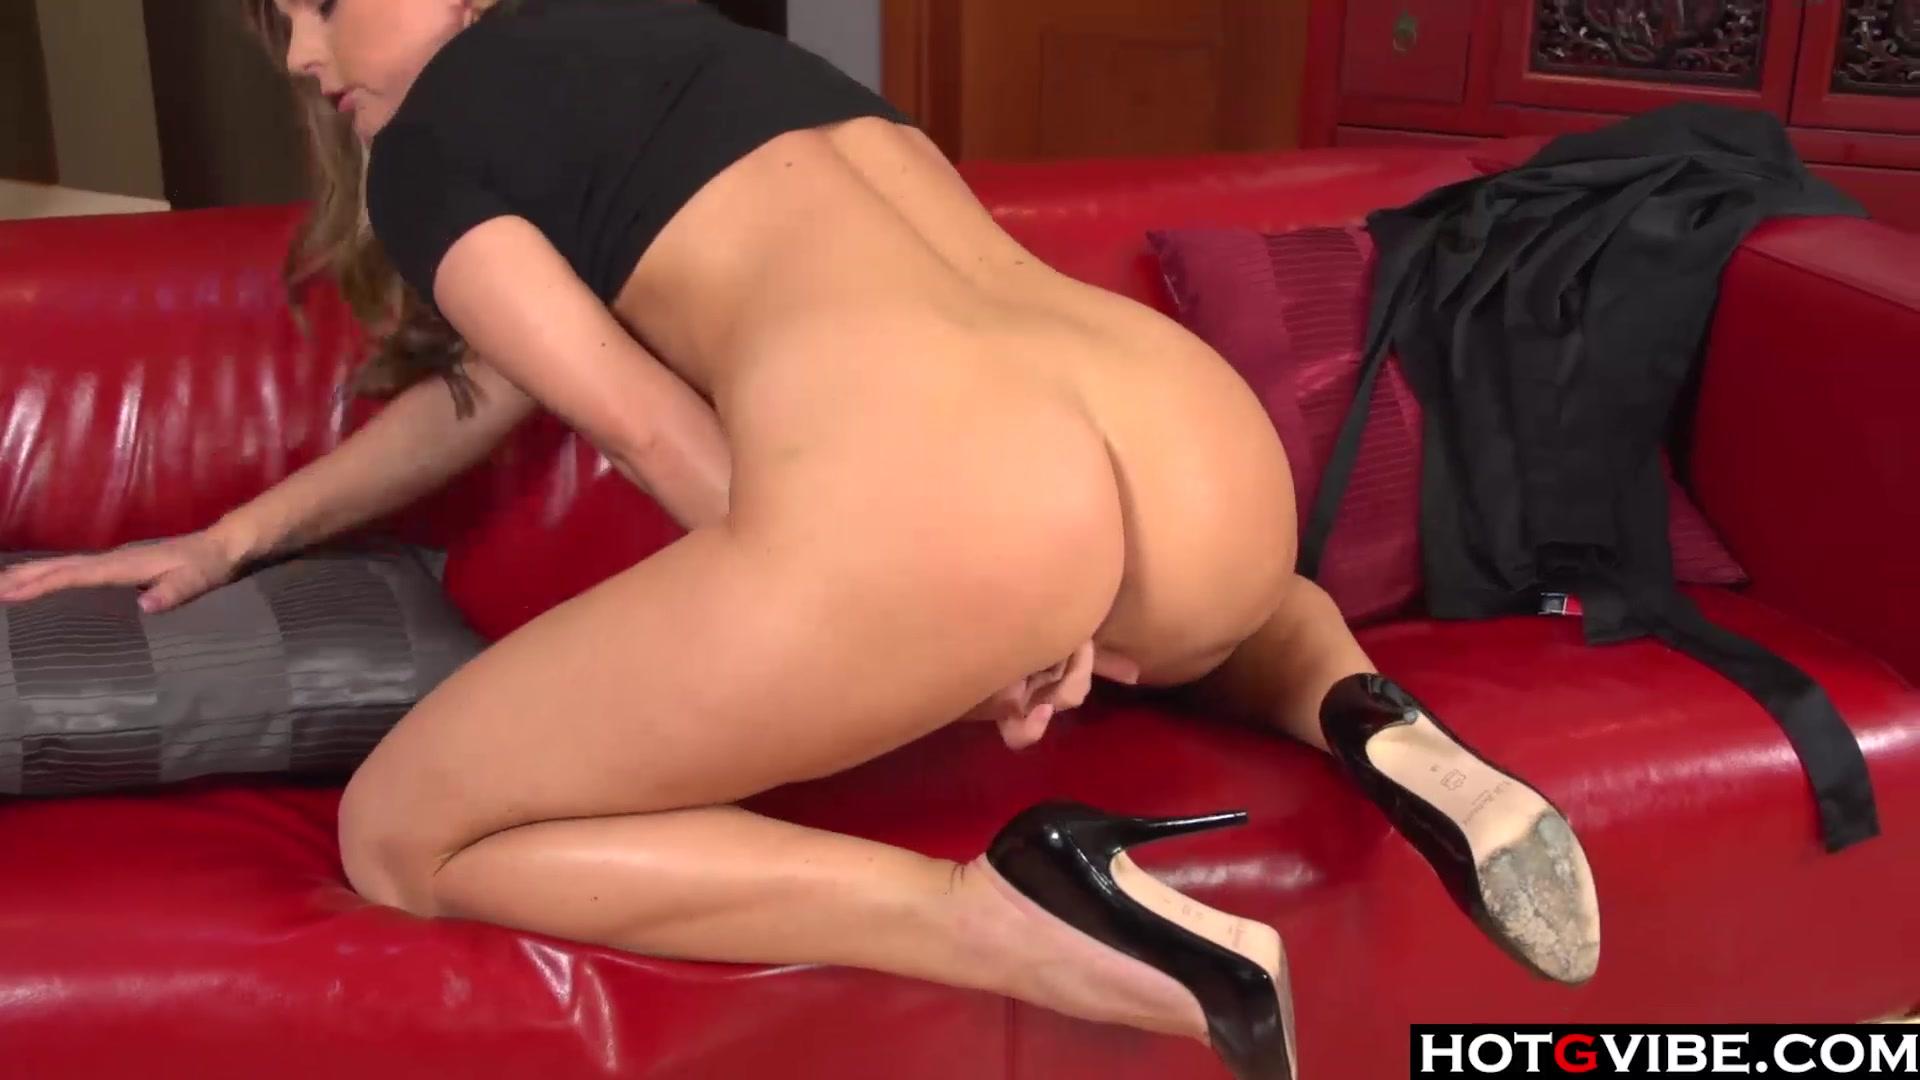 Naked Gallery Like having my bare bottom spanked